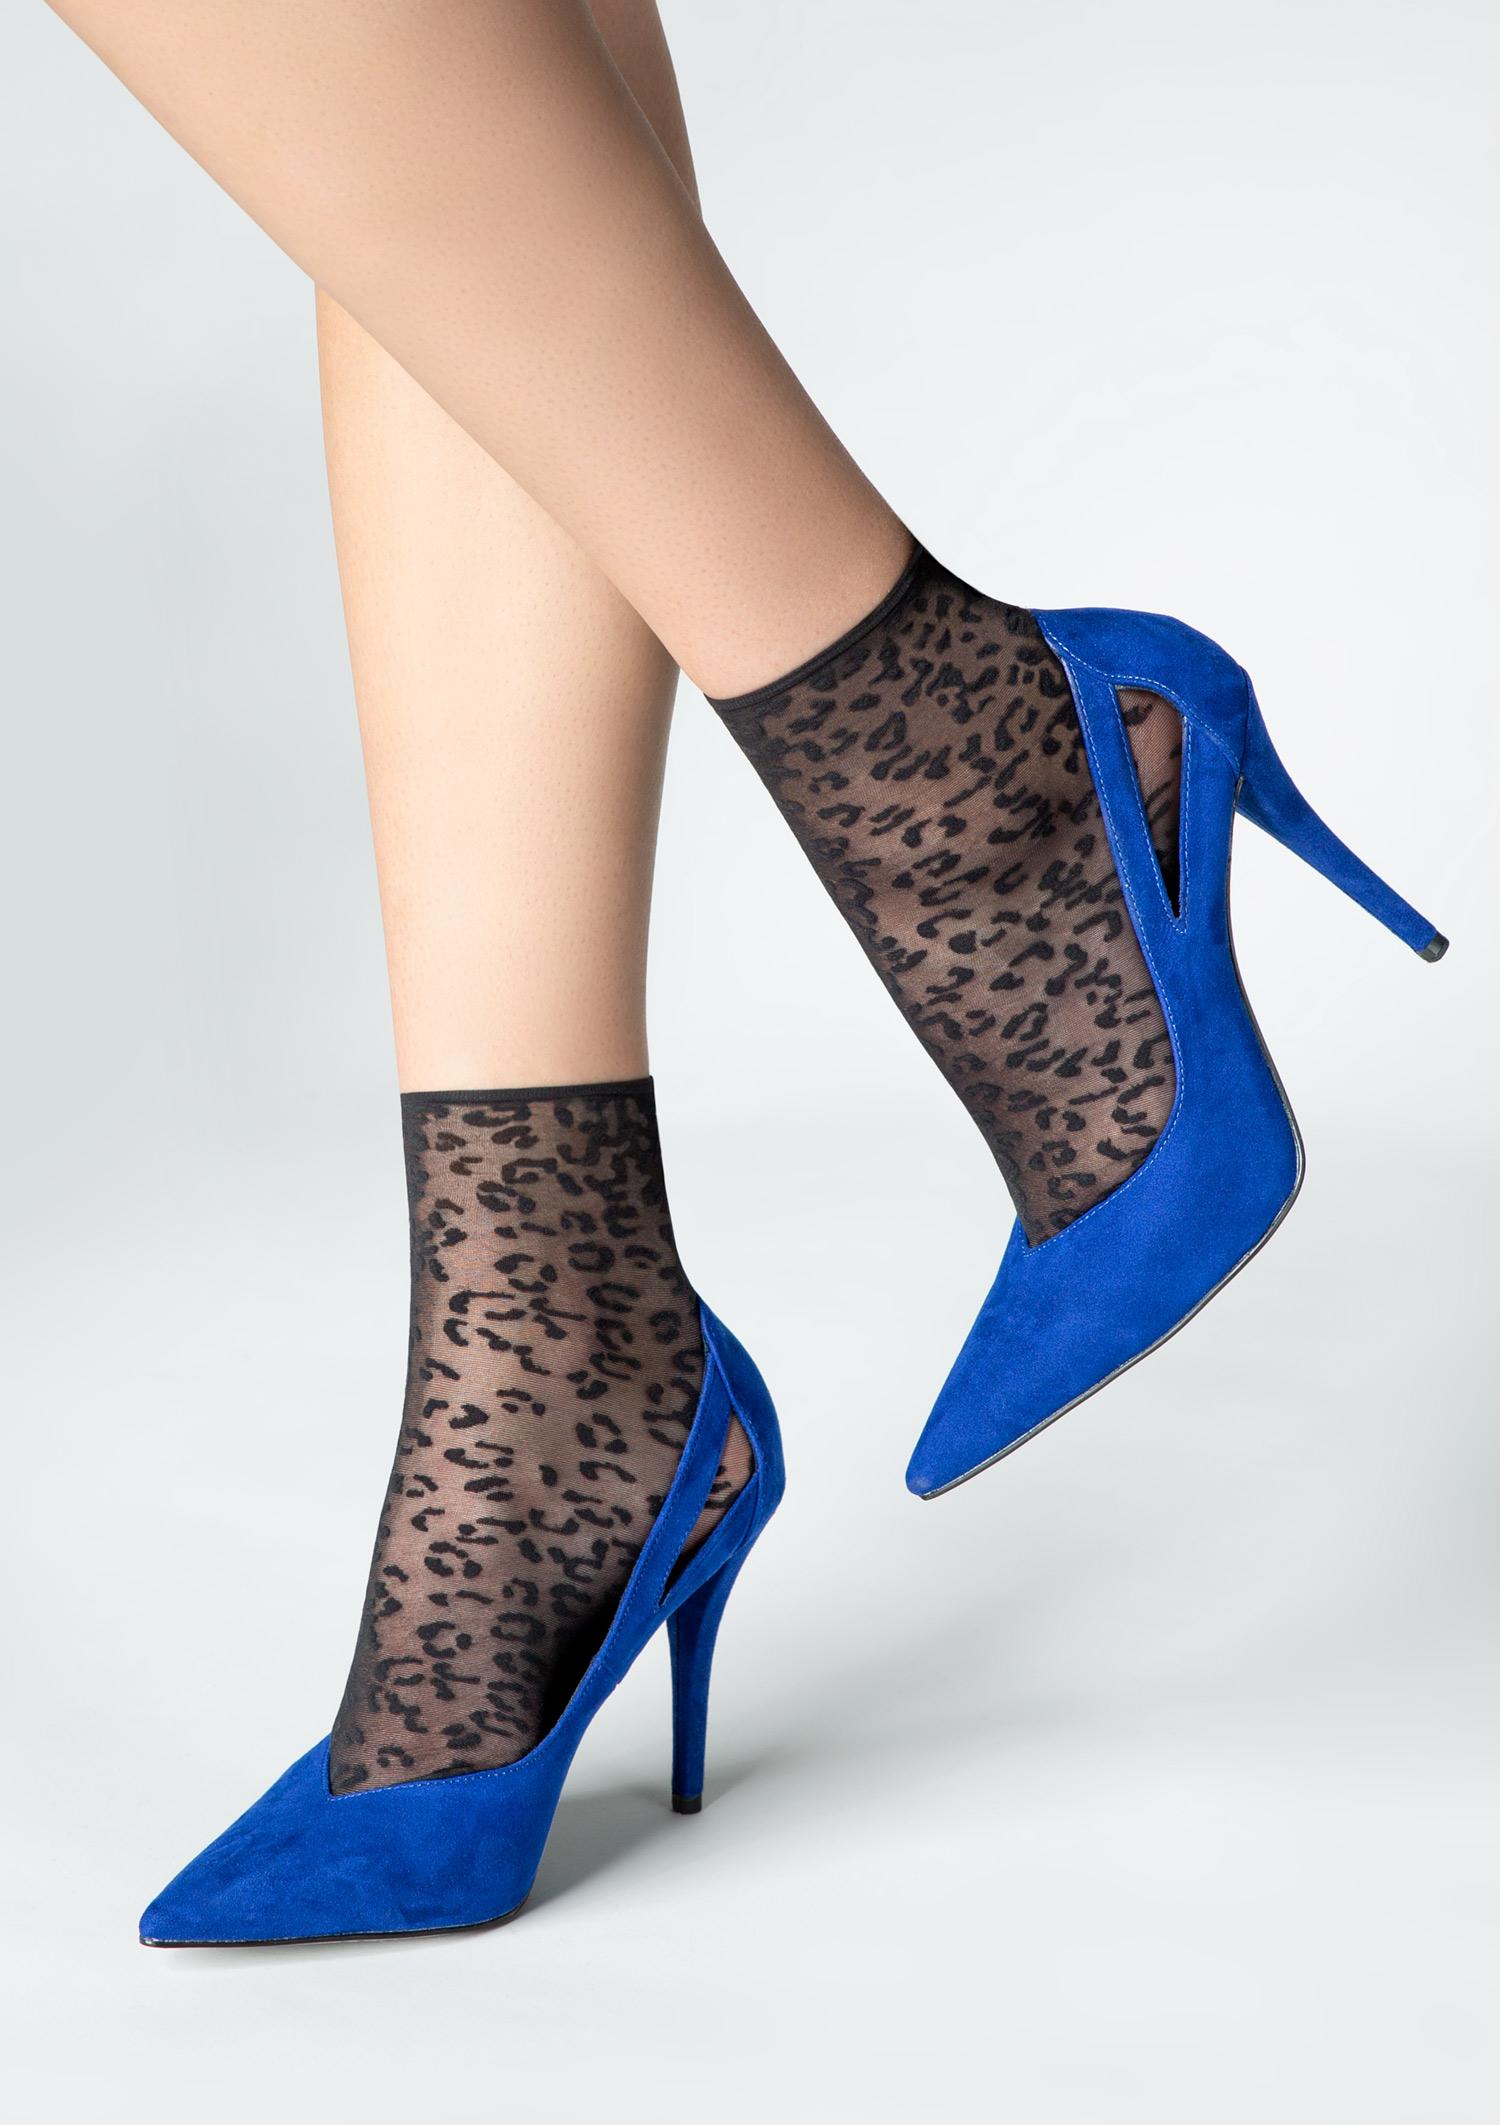 https://golden-legs.com.ua/images/stories/virtuemart/product/img_31794.jpg